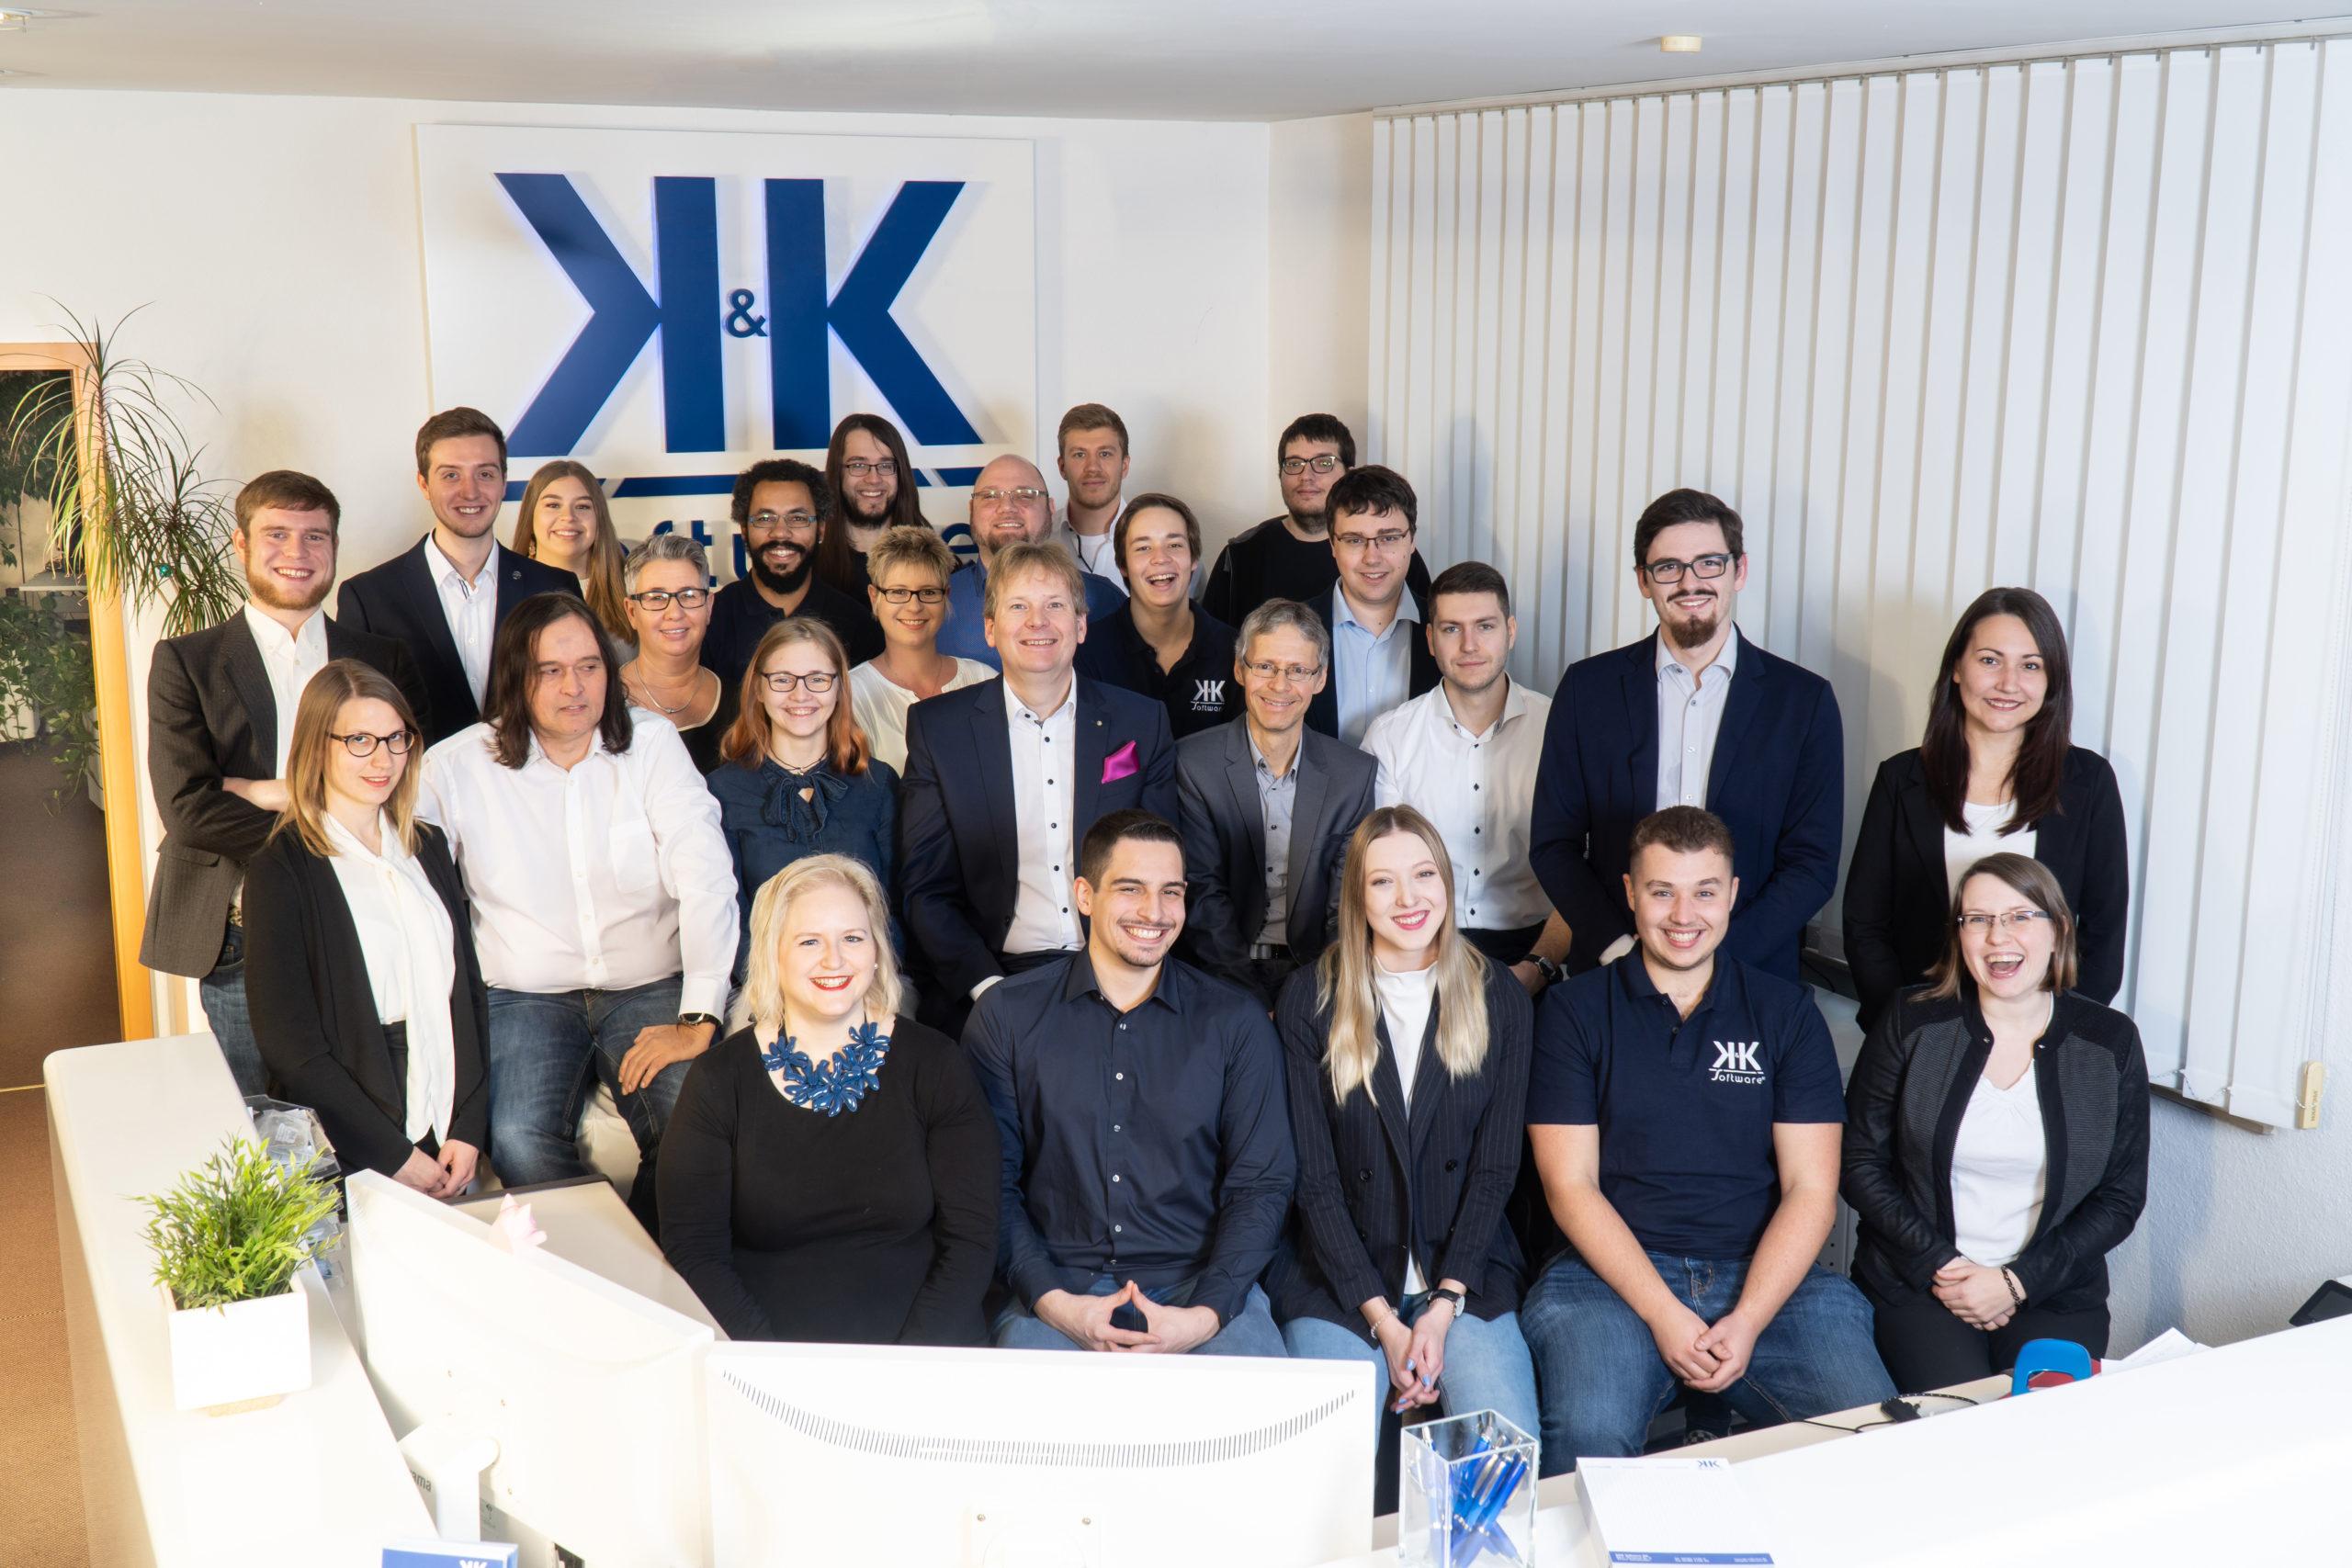 Das Foto zeigt die 27 Mitarbeiter der K&K Software AG.